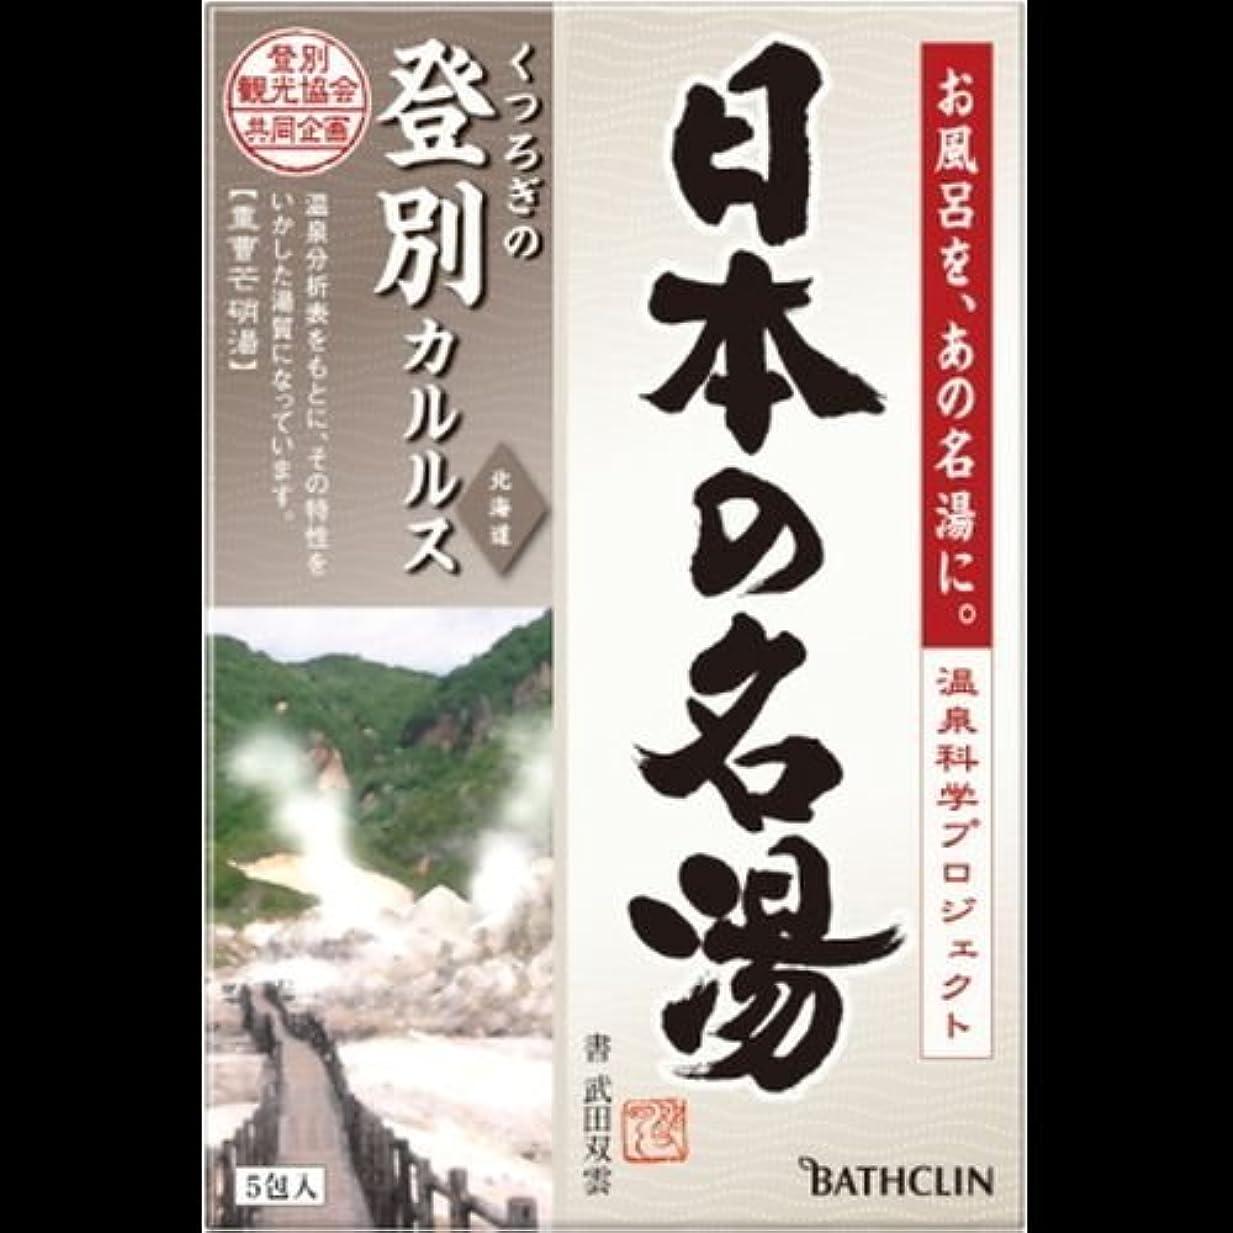 荒らす欠陥モットー【まとめ買い】日本の名湯 登別カルルス 5包 ×2セット